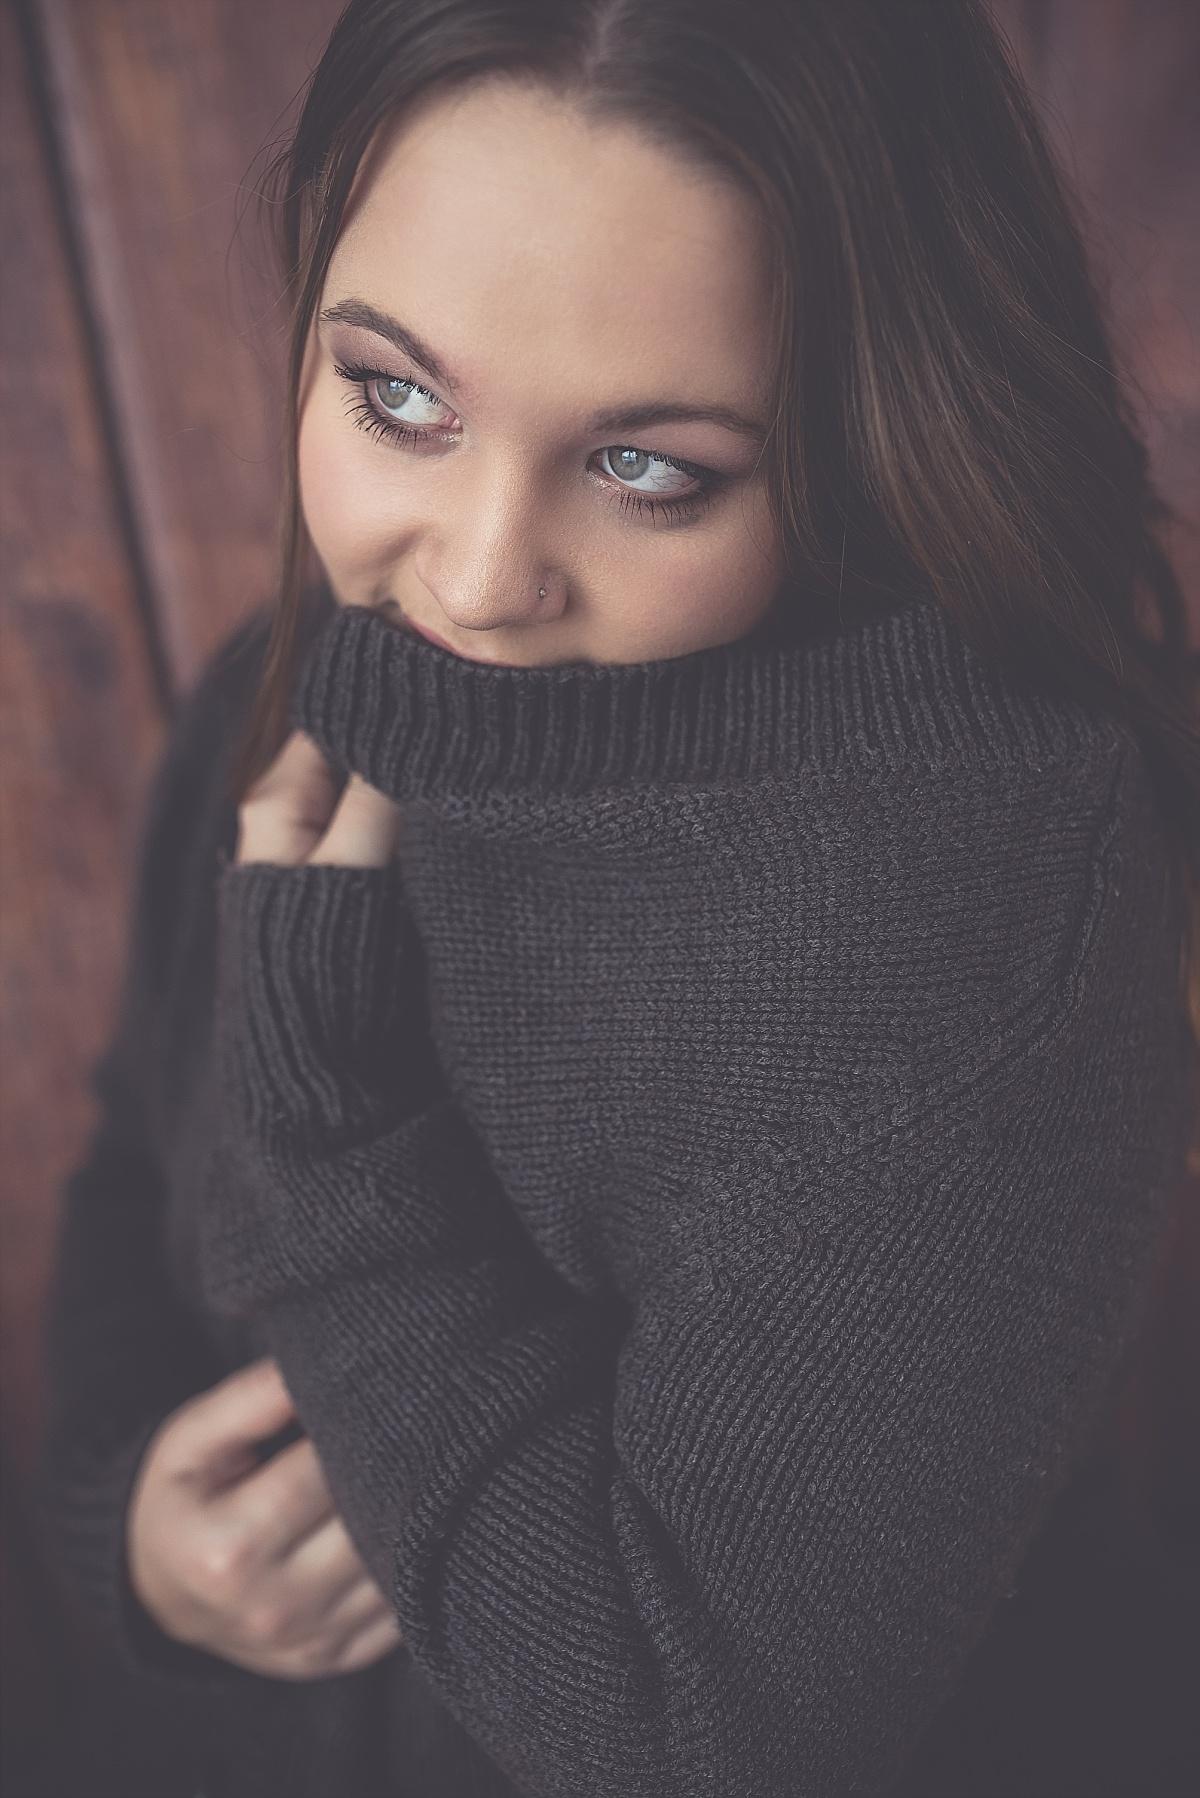 Boudoirfotografie by JenFotoART